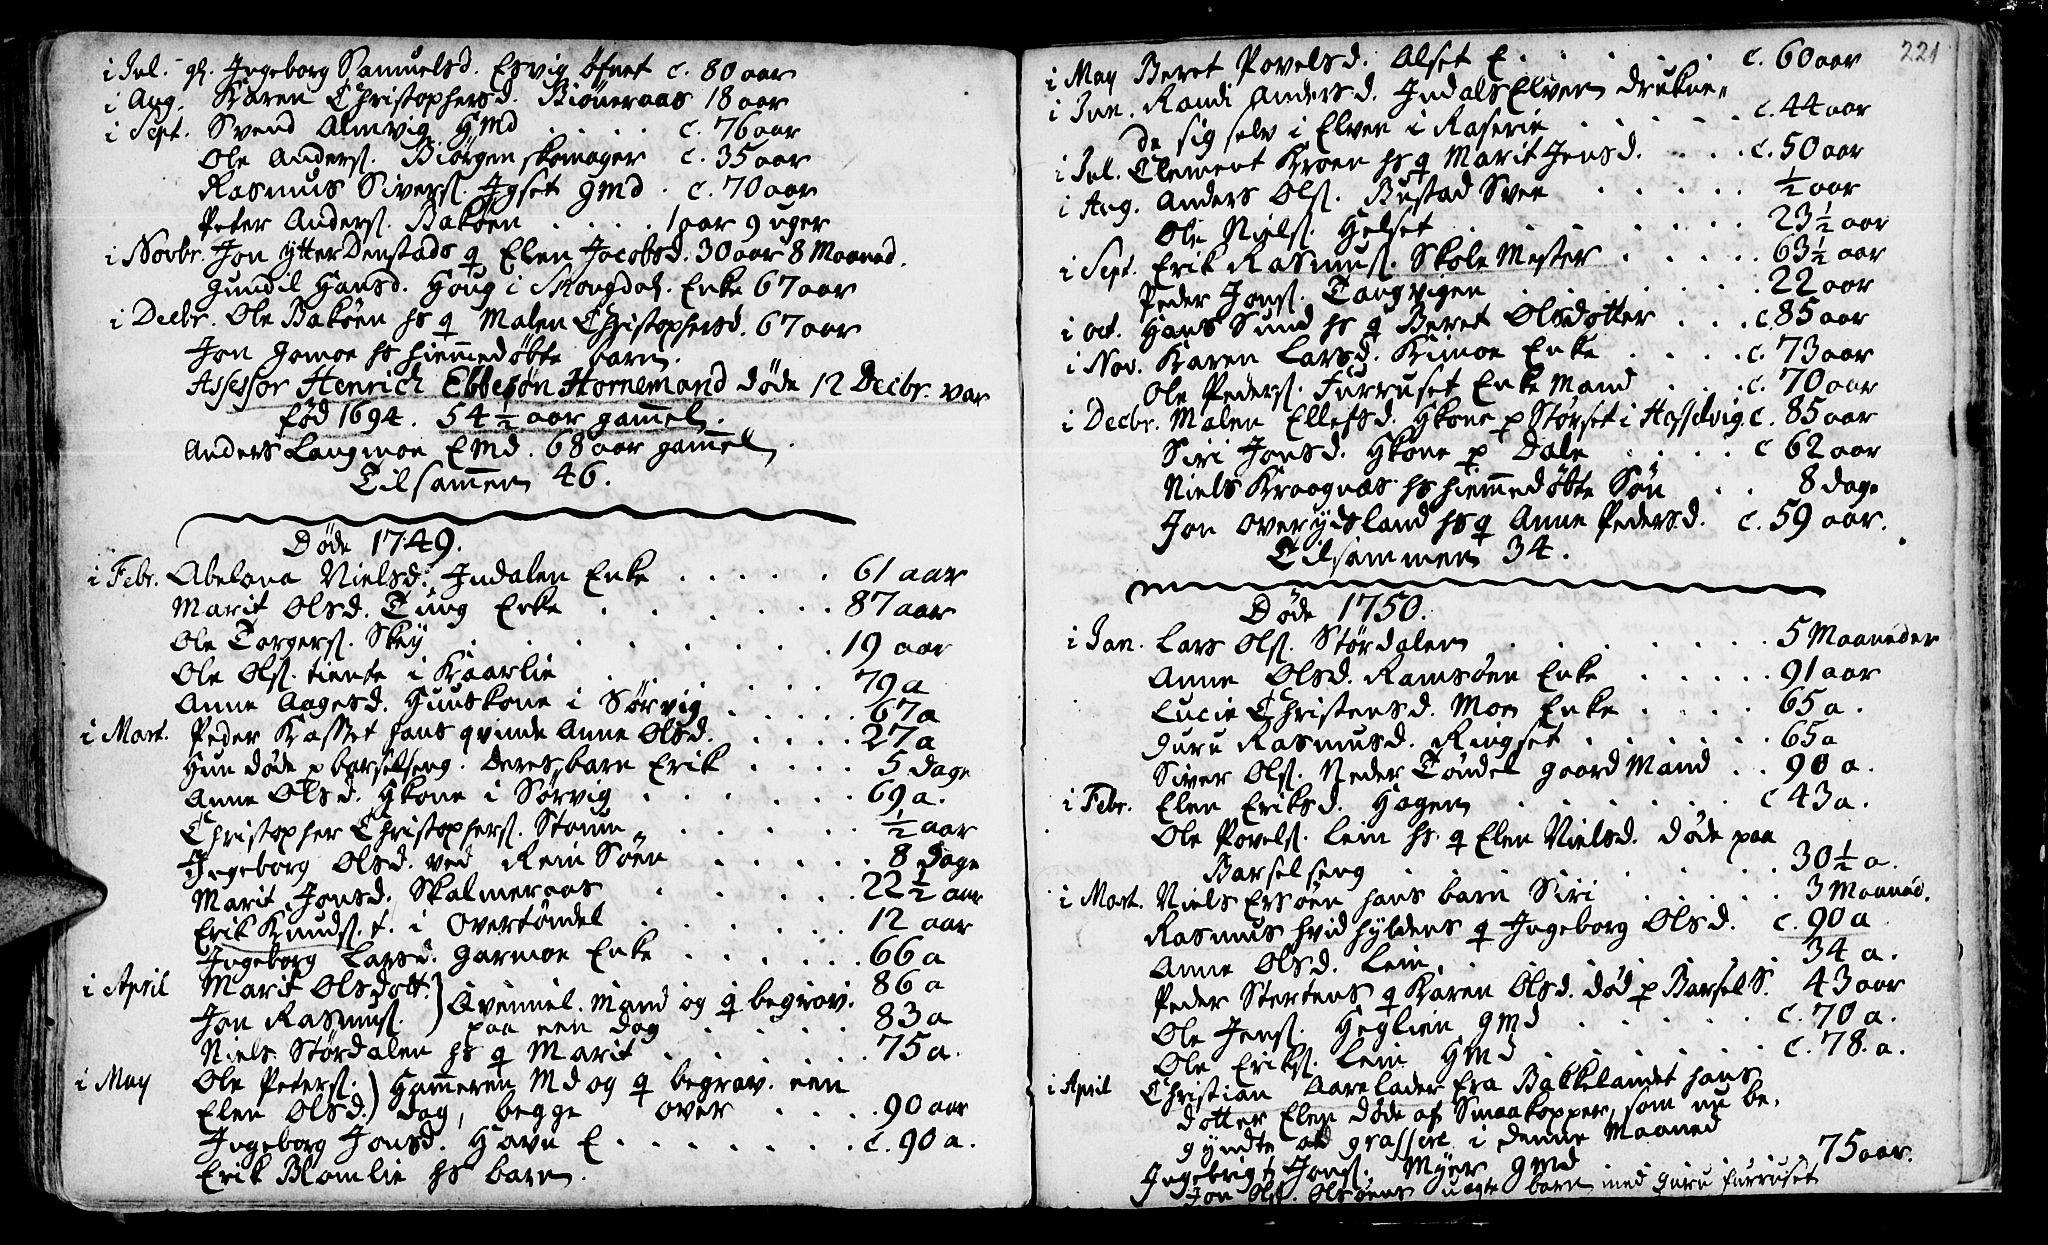 SAT, Ministerialprotokoller, klokkerbøker og fødselsregistre - Sør-Trøndelag, 646/L0604: Ministerialbok nr. 646A02, 1735-1750, s. 220-221